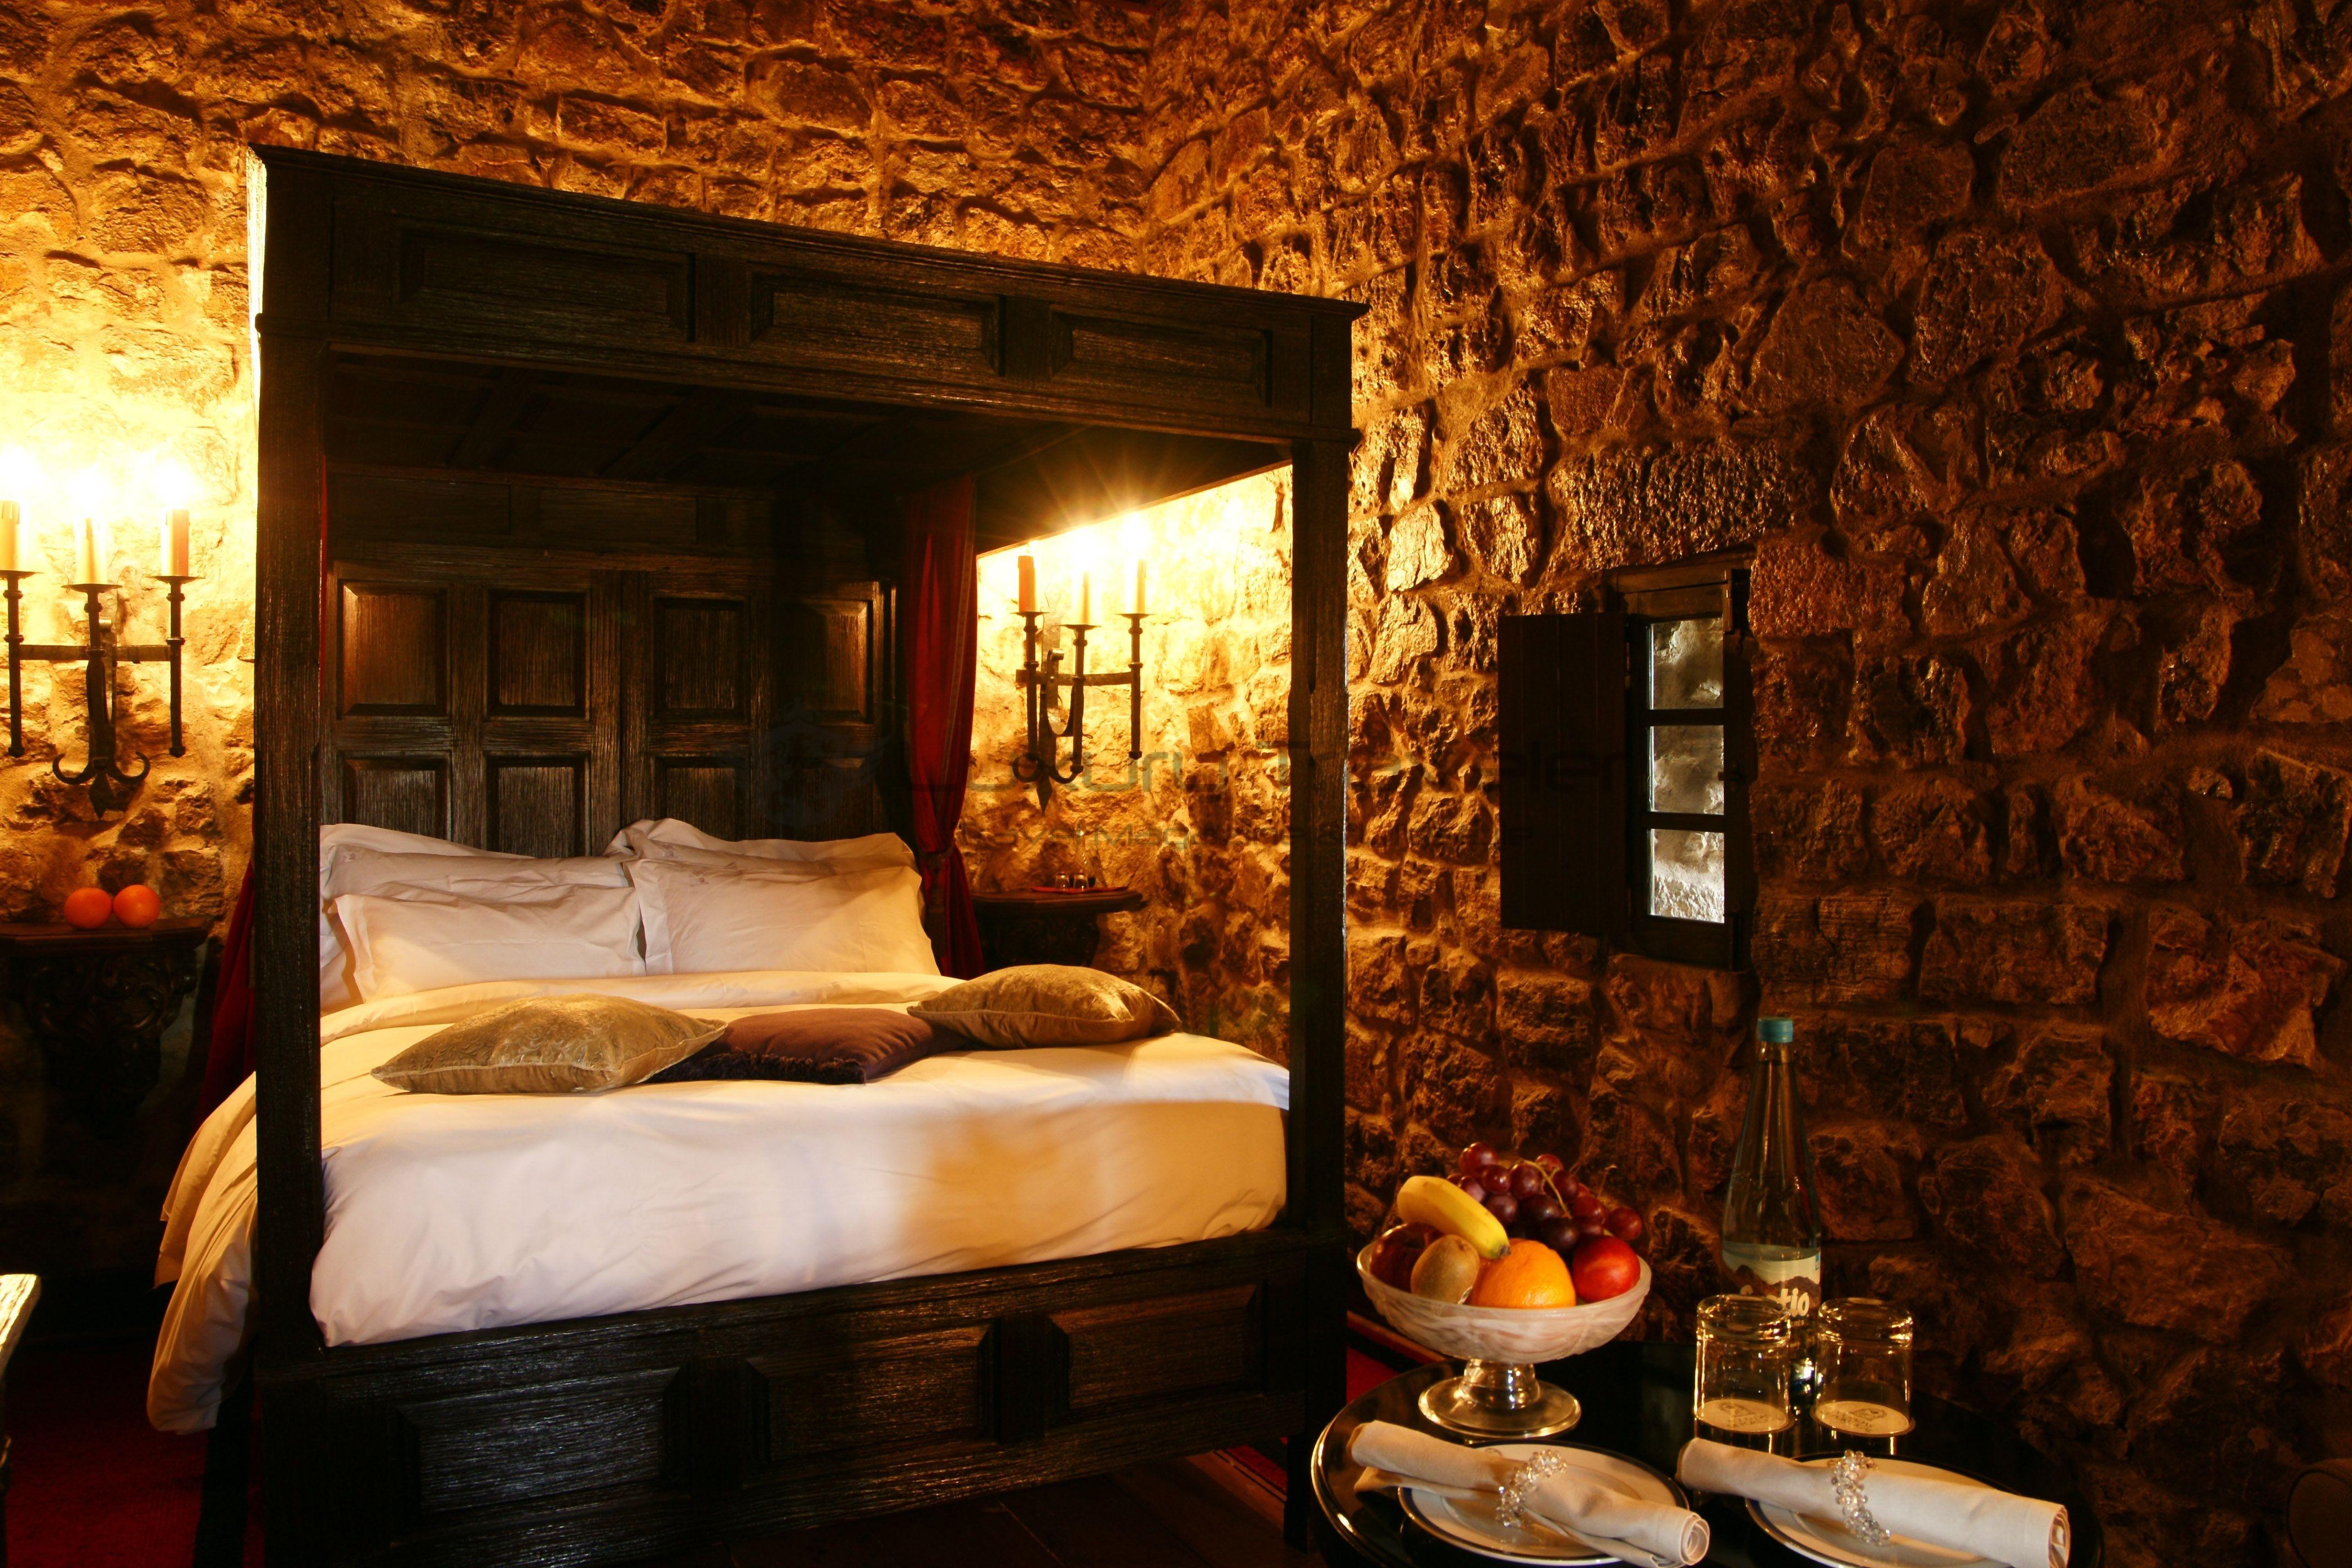 pestana-pousada-castle-obidos-suite-special